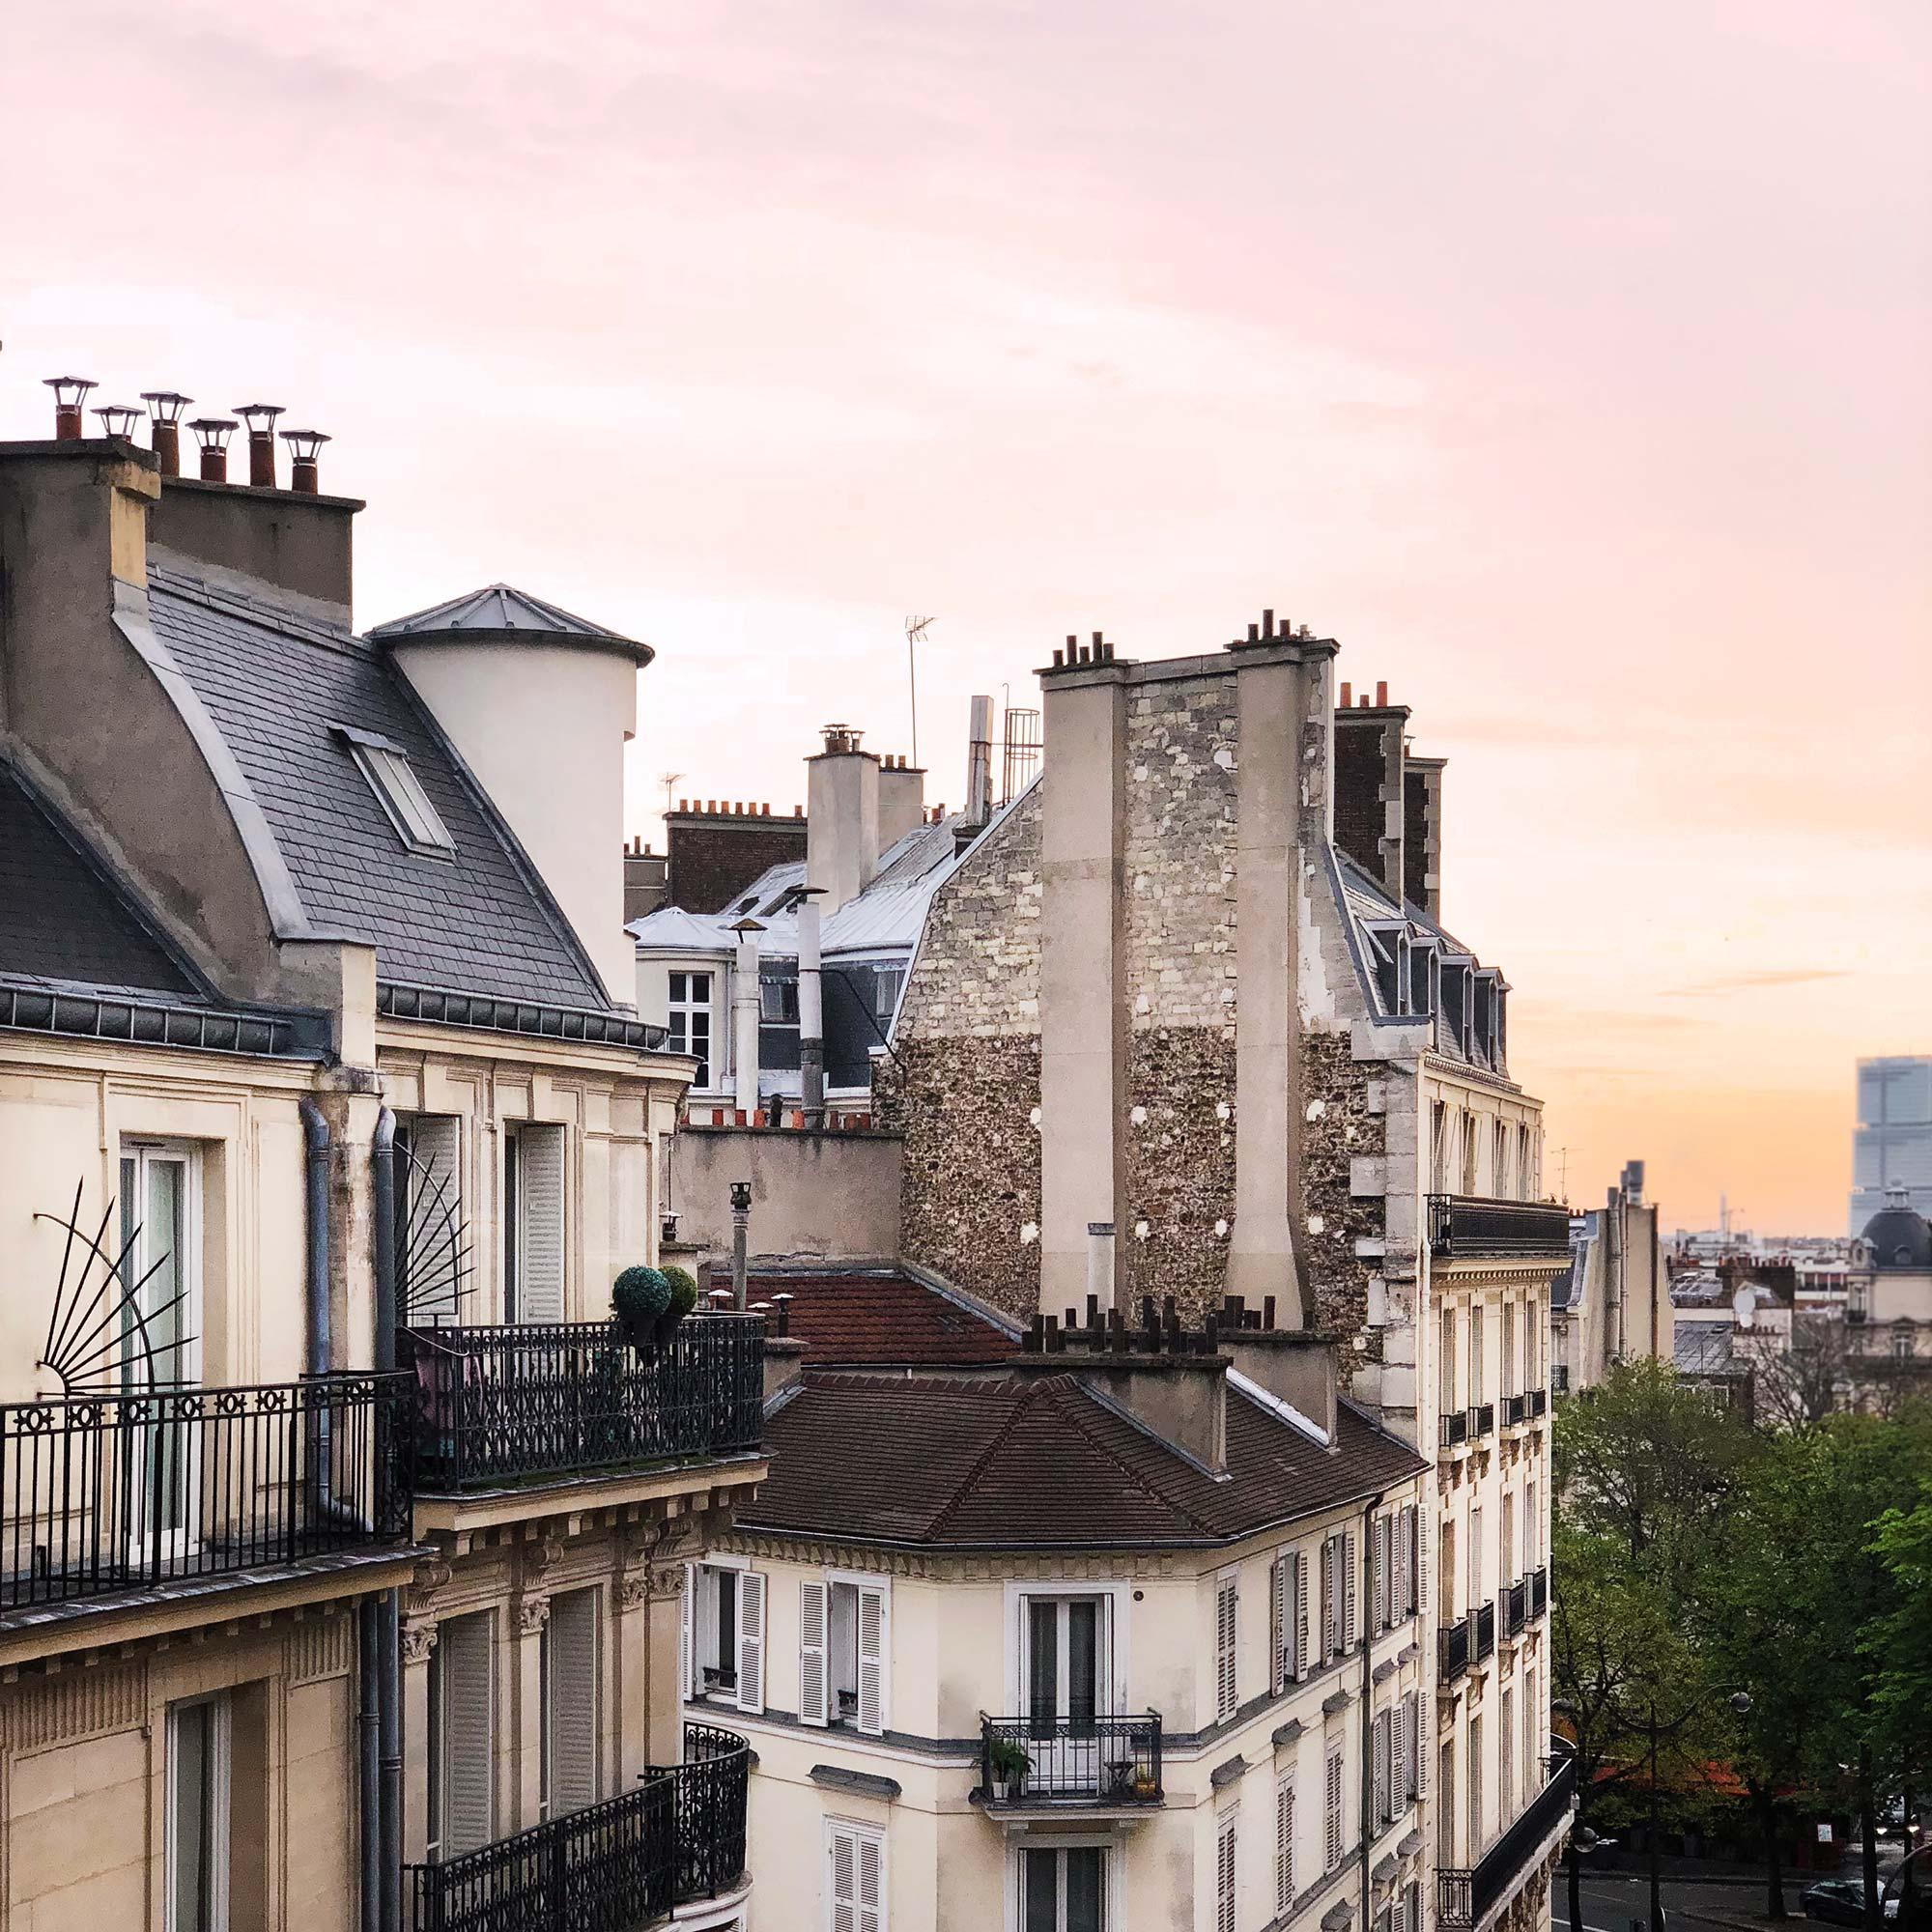 Vue sur les toits de Paris, un coucher de soleil en arrière plan